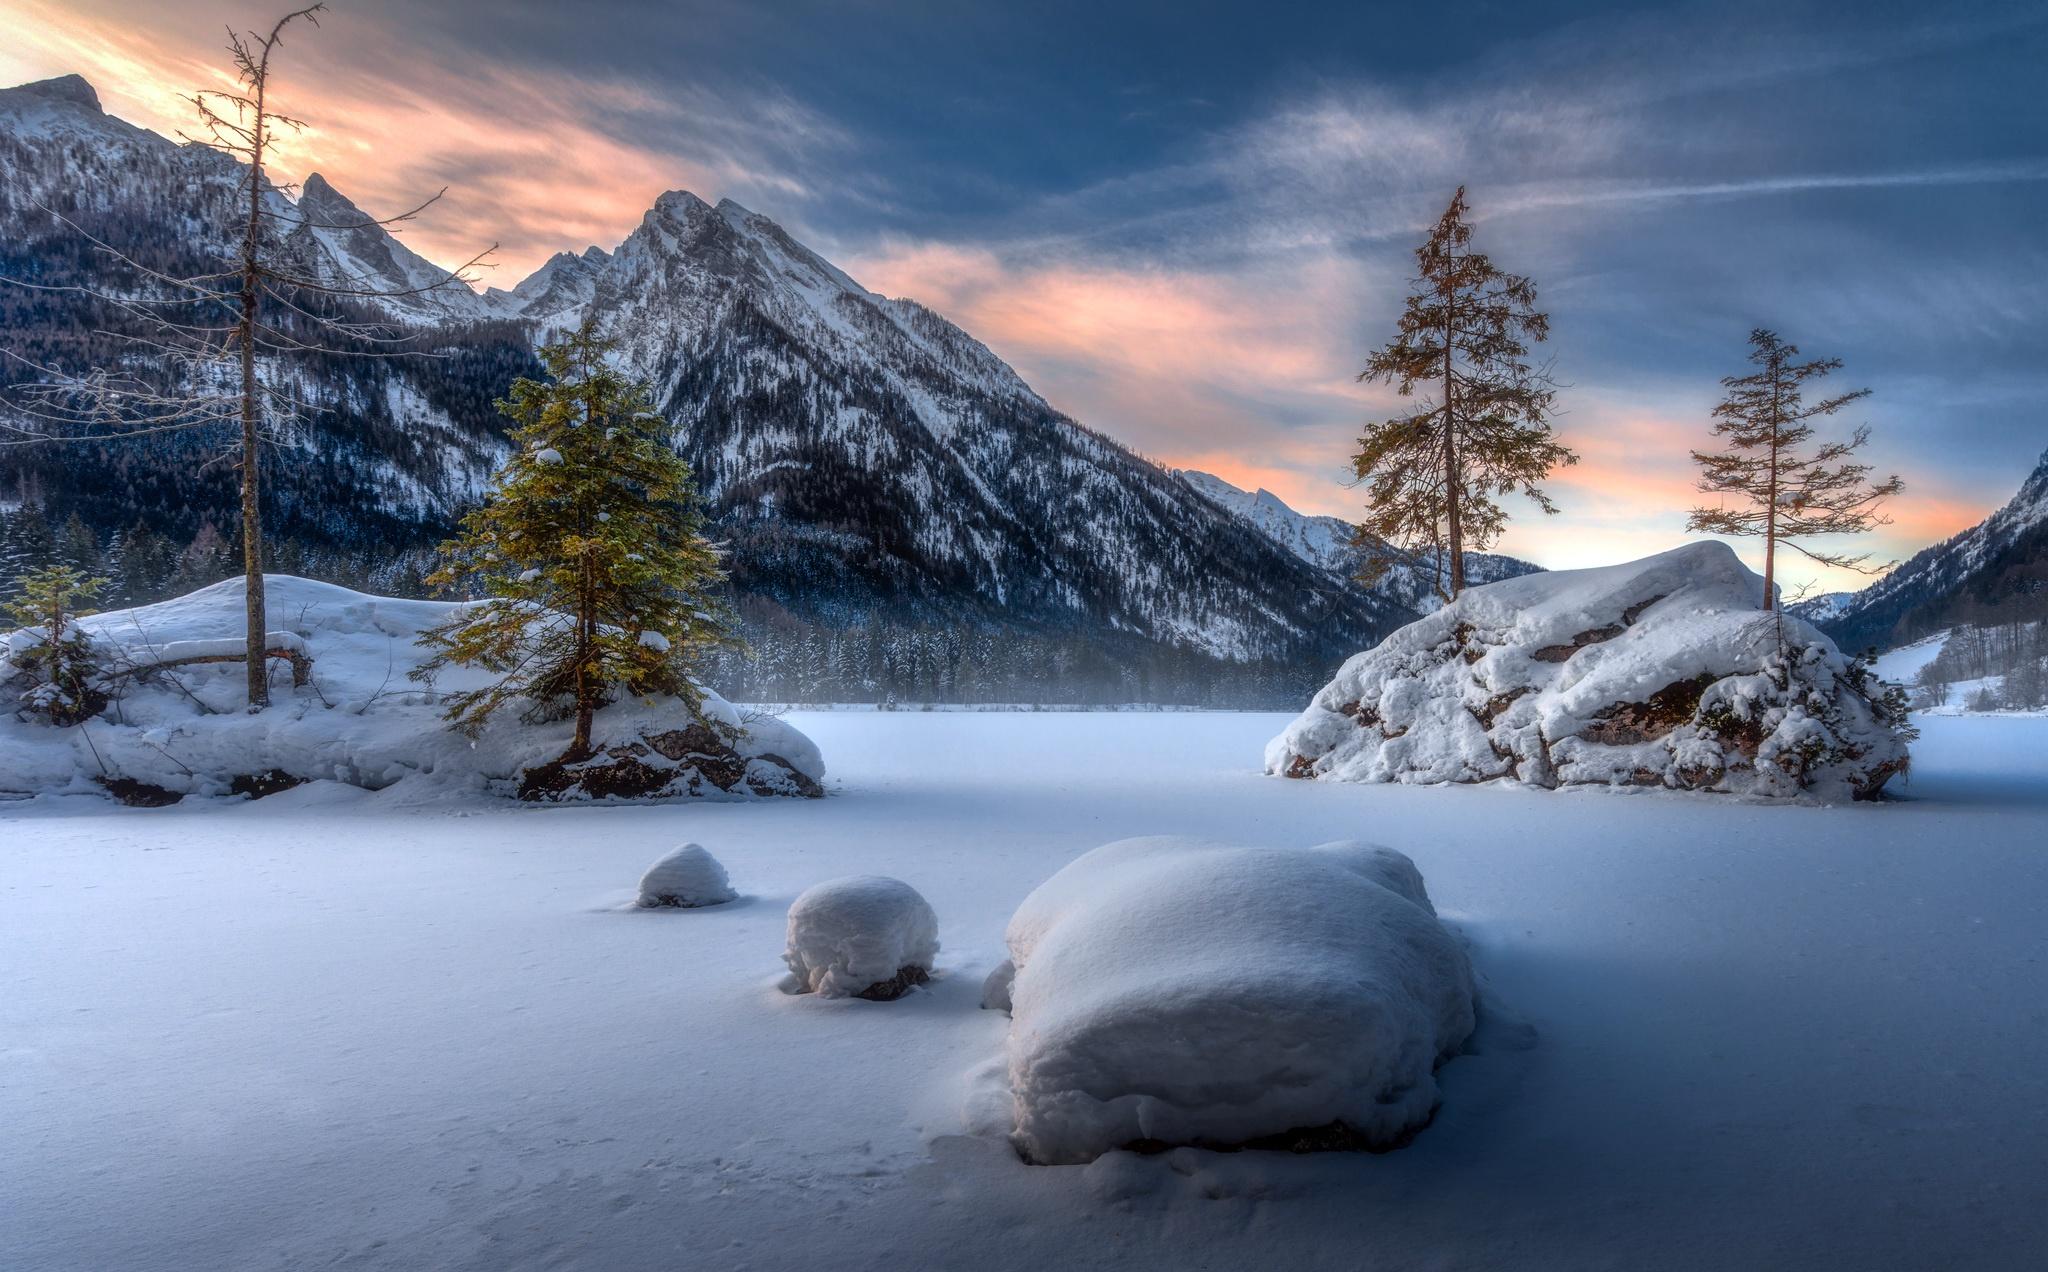 nature landscape winter snow 1574939434 - Nature Landscape Winter Snow -